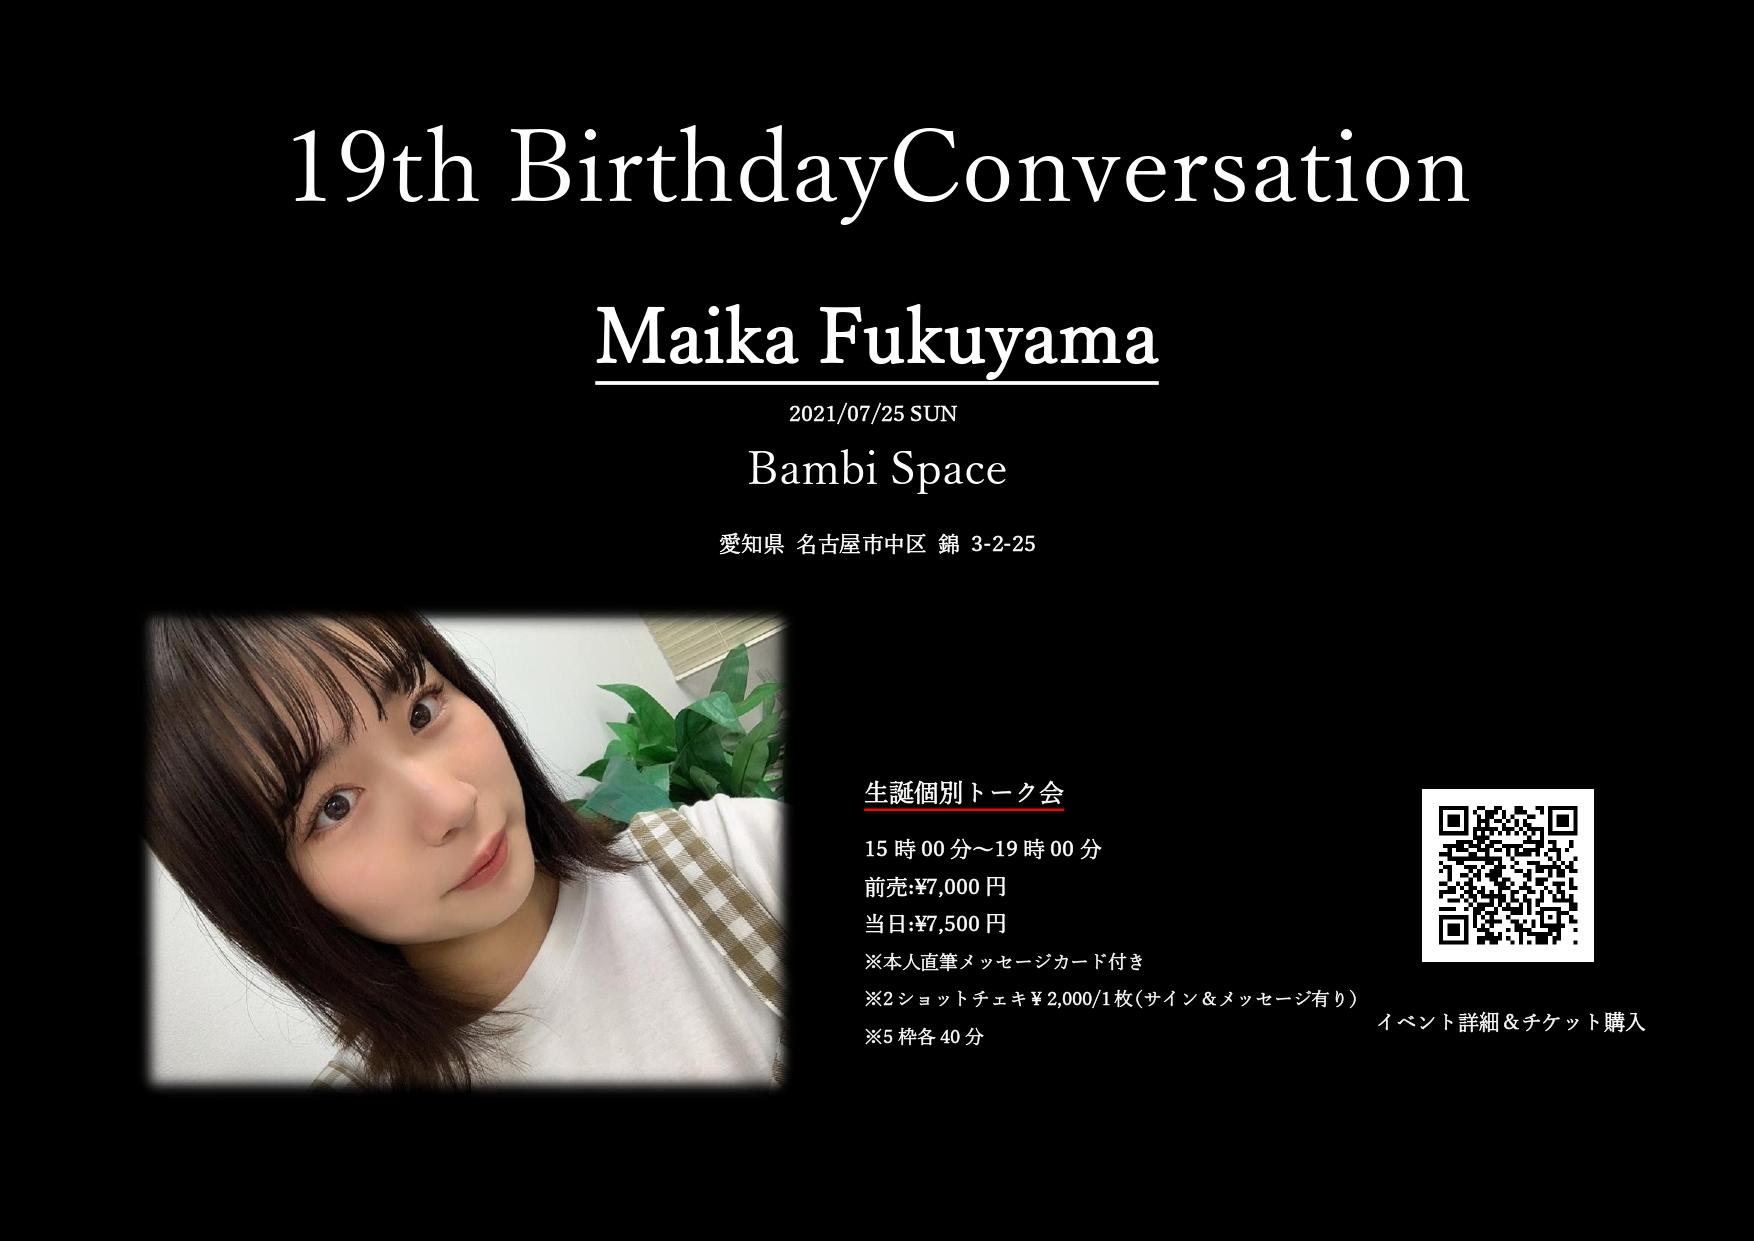 福山舞佳 BirthdayConversation